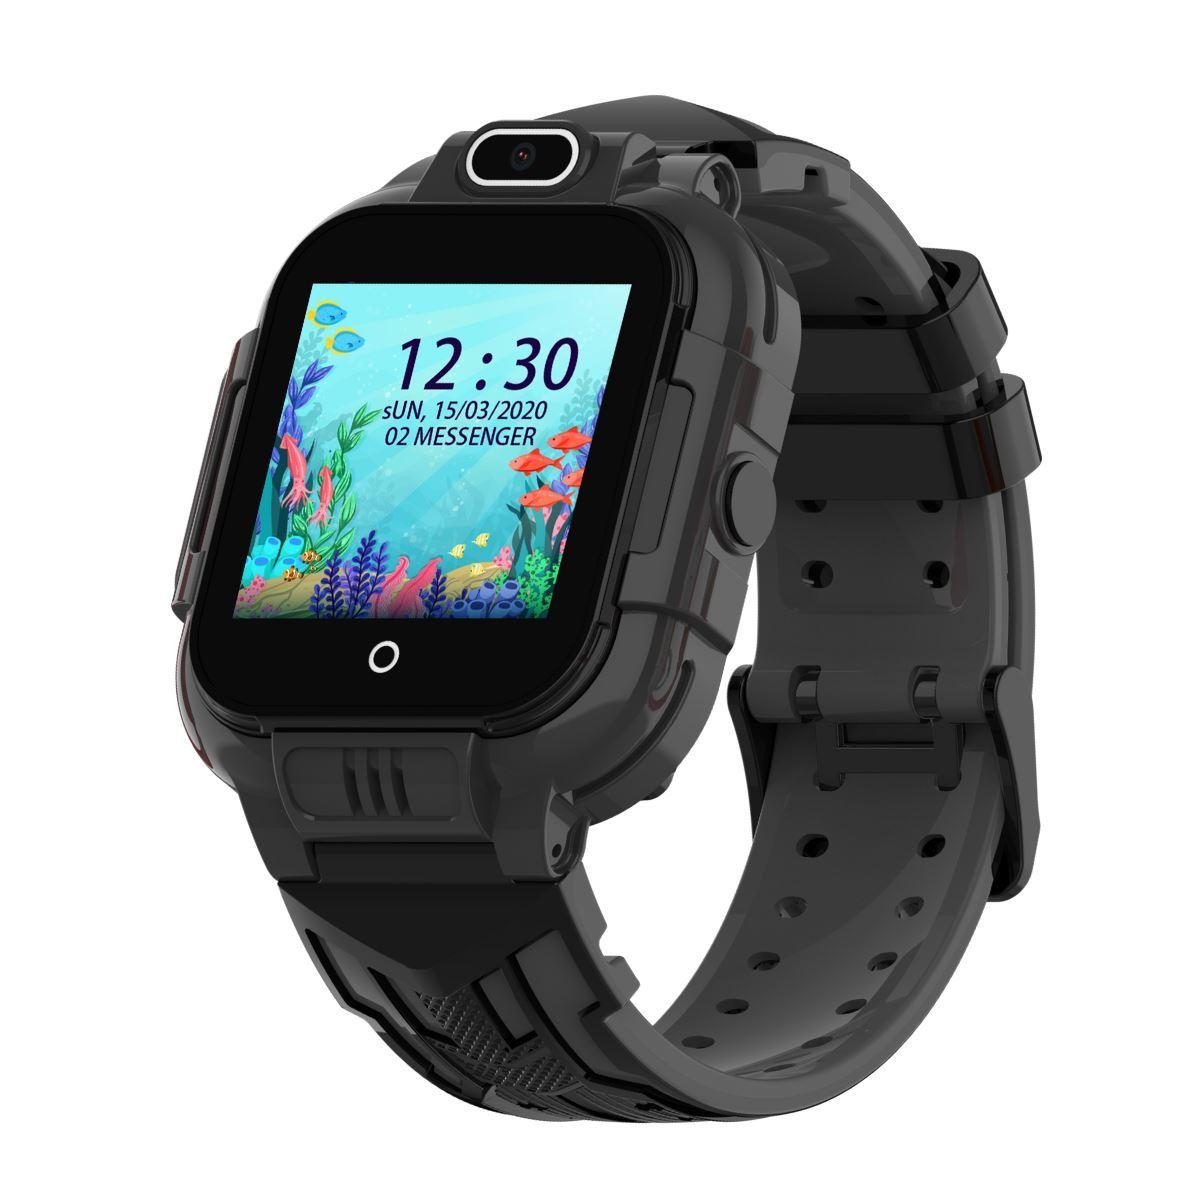 Видеочасы и часы-телефоны с GPS Часы-телефон GPS 4G Smart Baby Watch Wonlex KT16 с видеозвонком Wonlex_KT16_for_OZON__9_.jpg